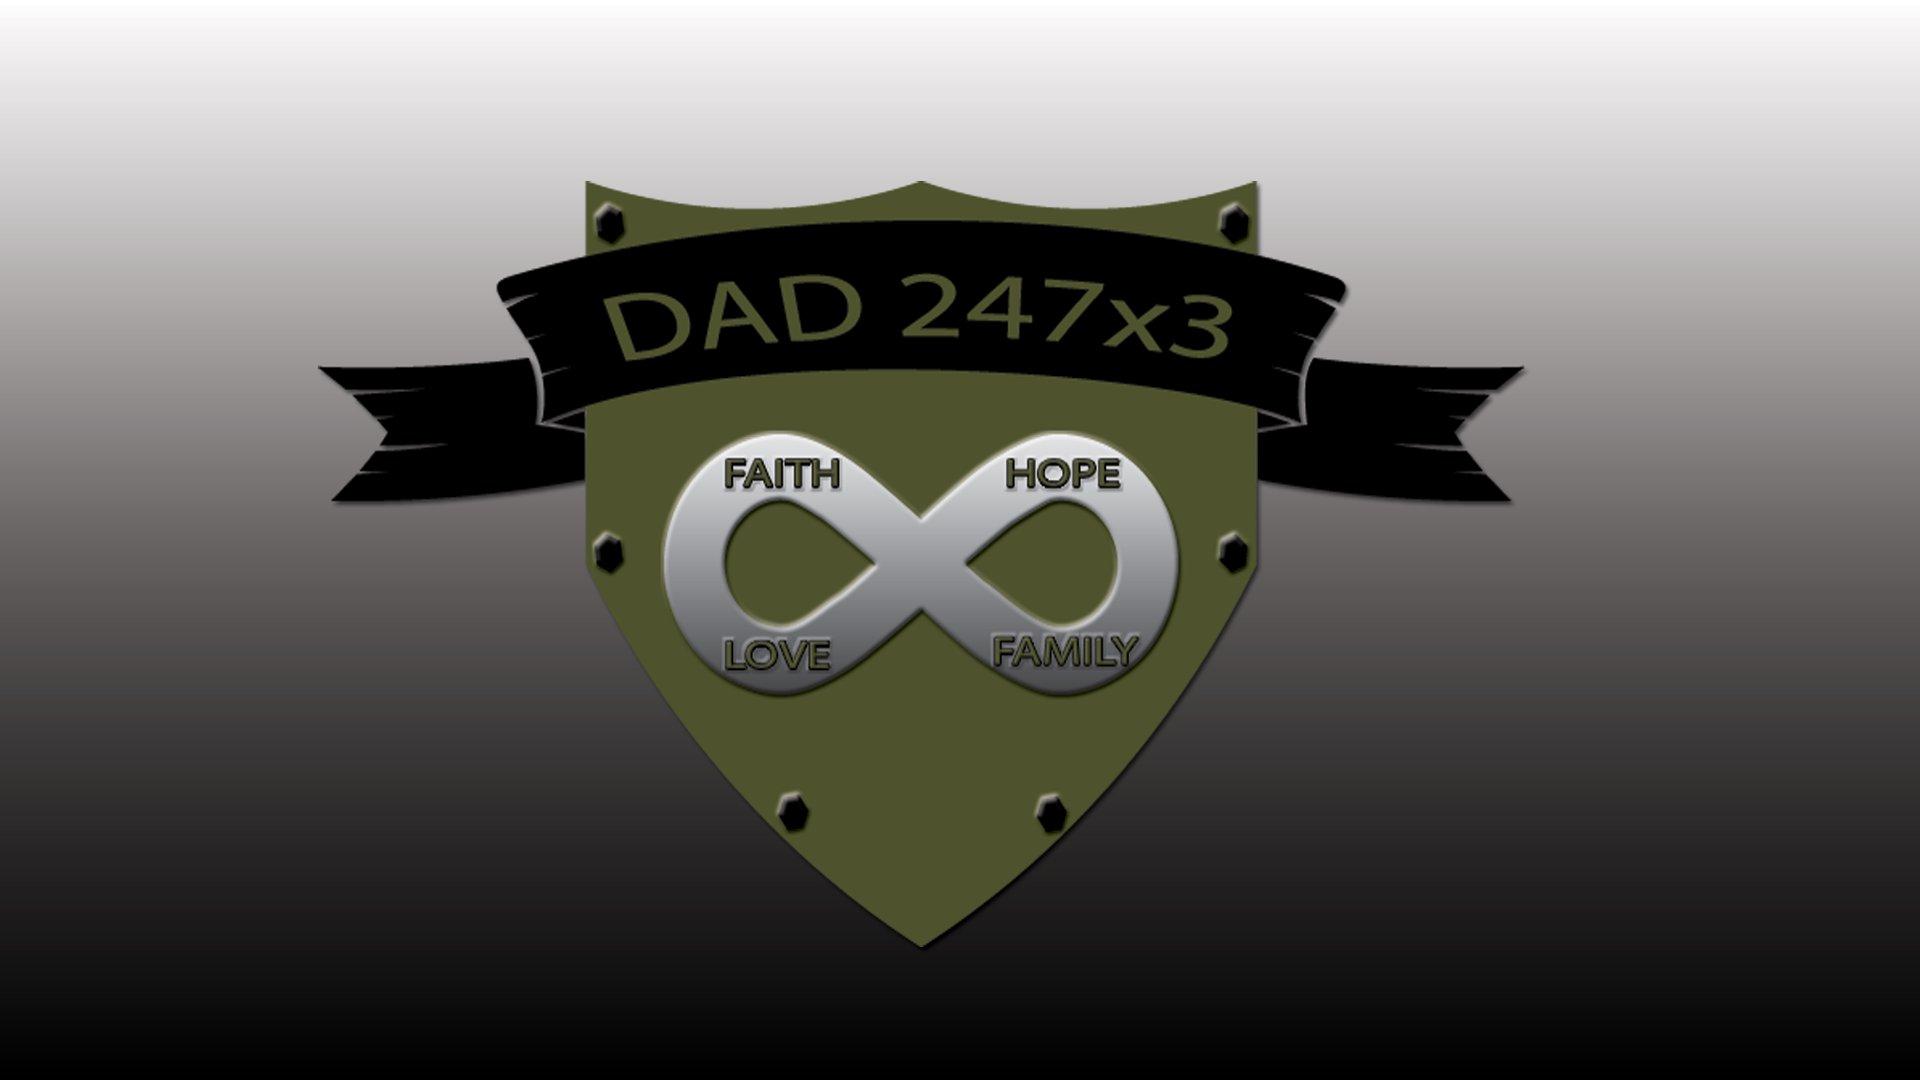 Twitch stream of DAD247x3